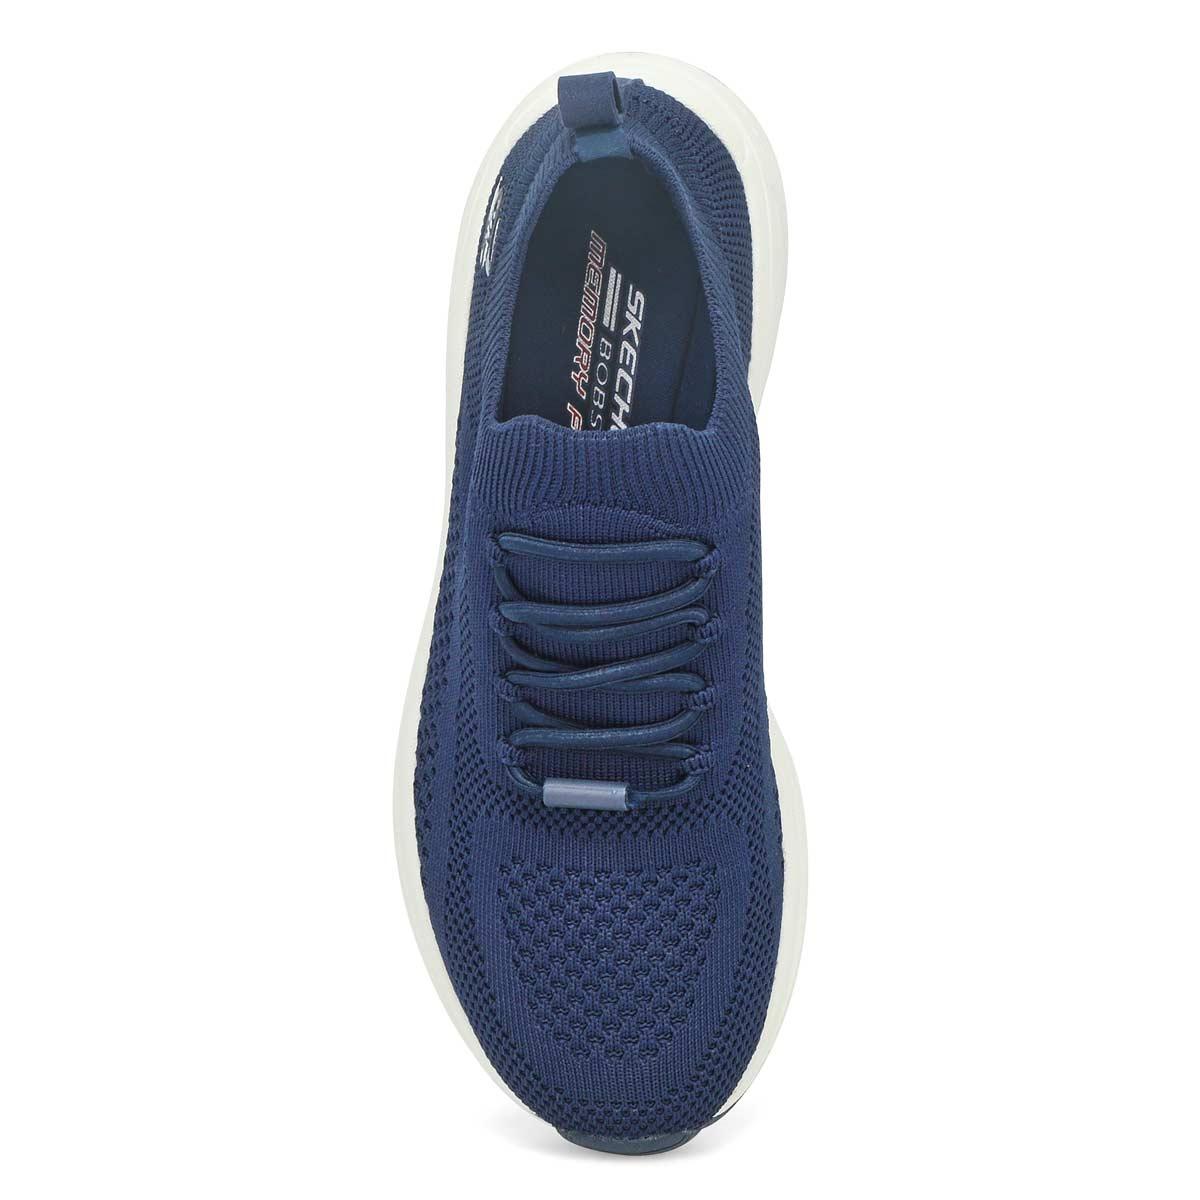 Women's Bobs Sparrow 2.0 Sneaker - Navy